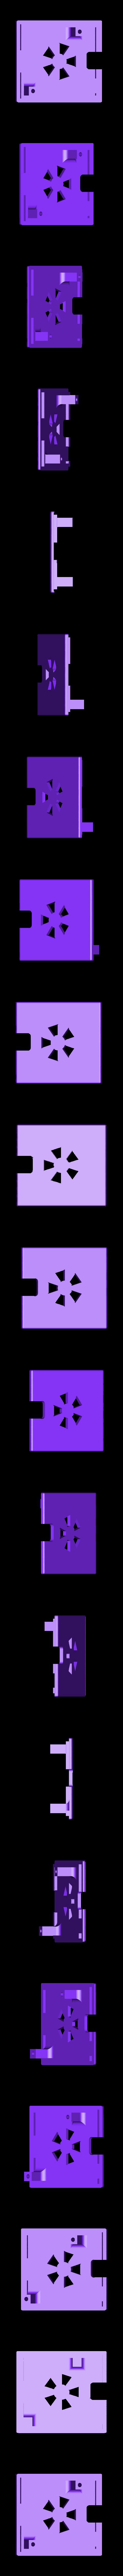 PCM2704_box_top.stl Télécharger fichier STL gratuit (Pi) USB et SPDIF carte son PCM2704 boîte • Plan imprimable en 3D, mschiller